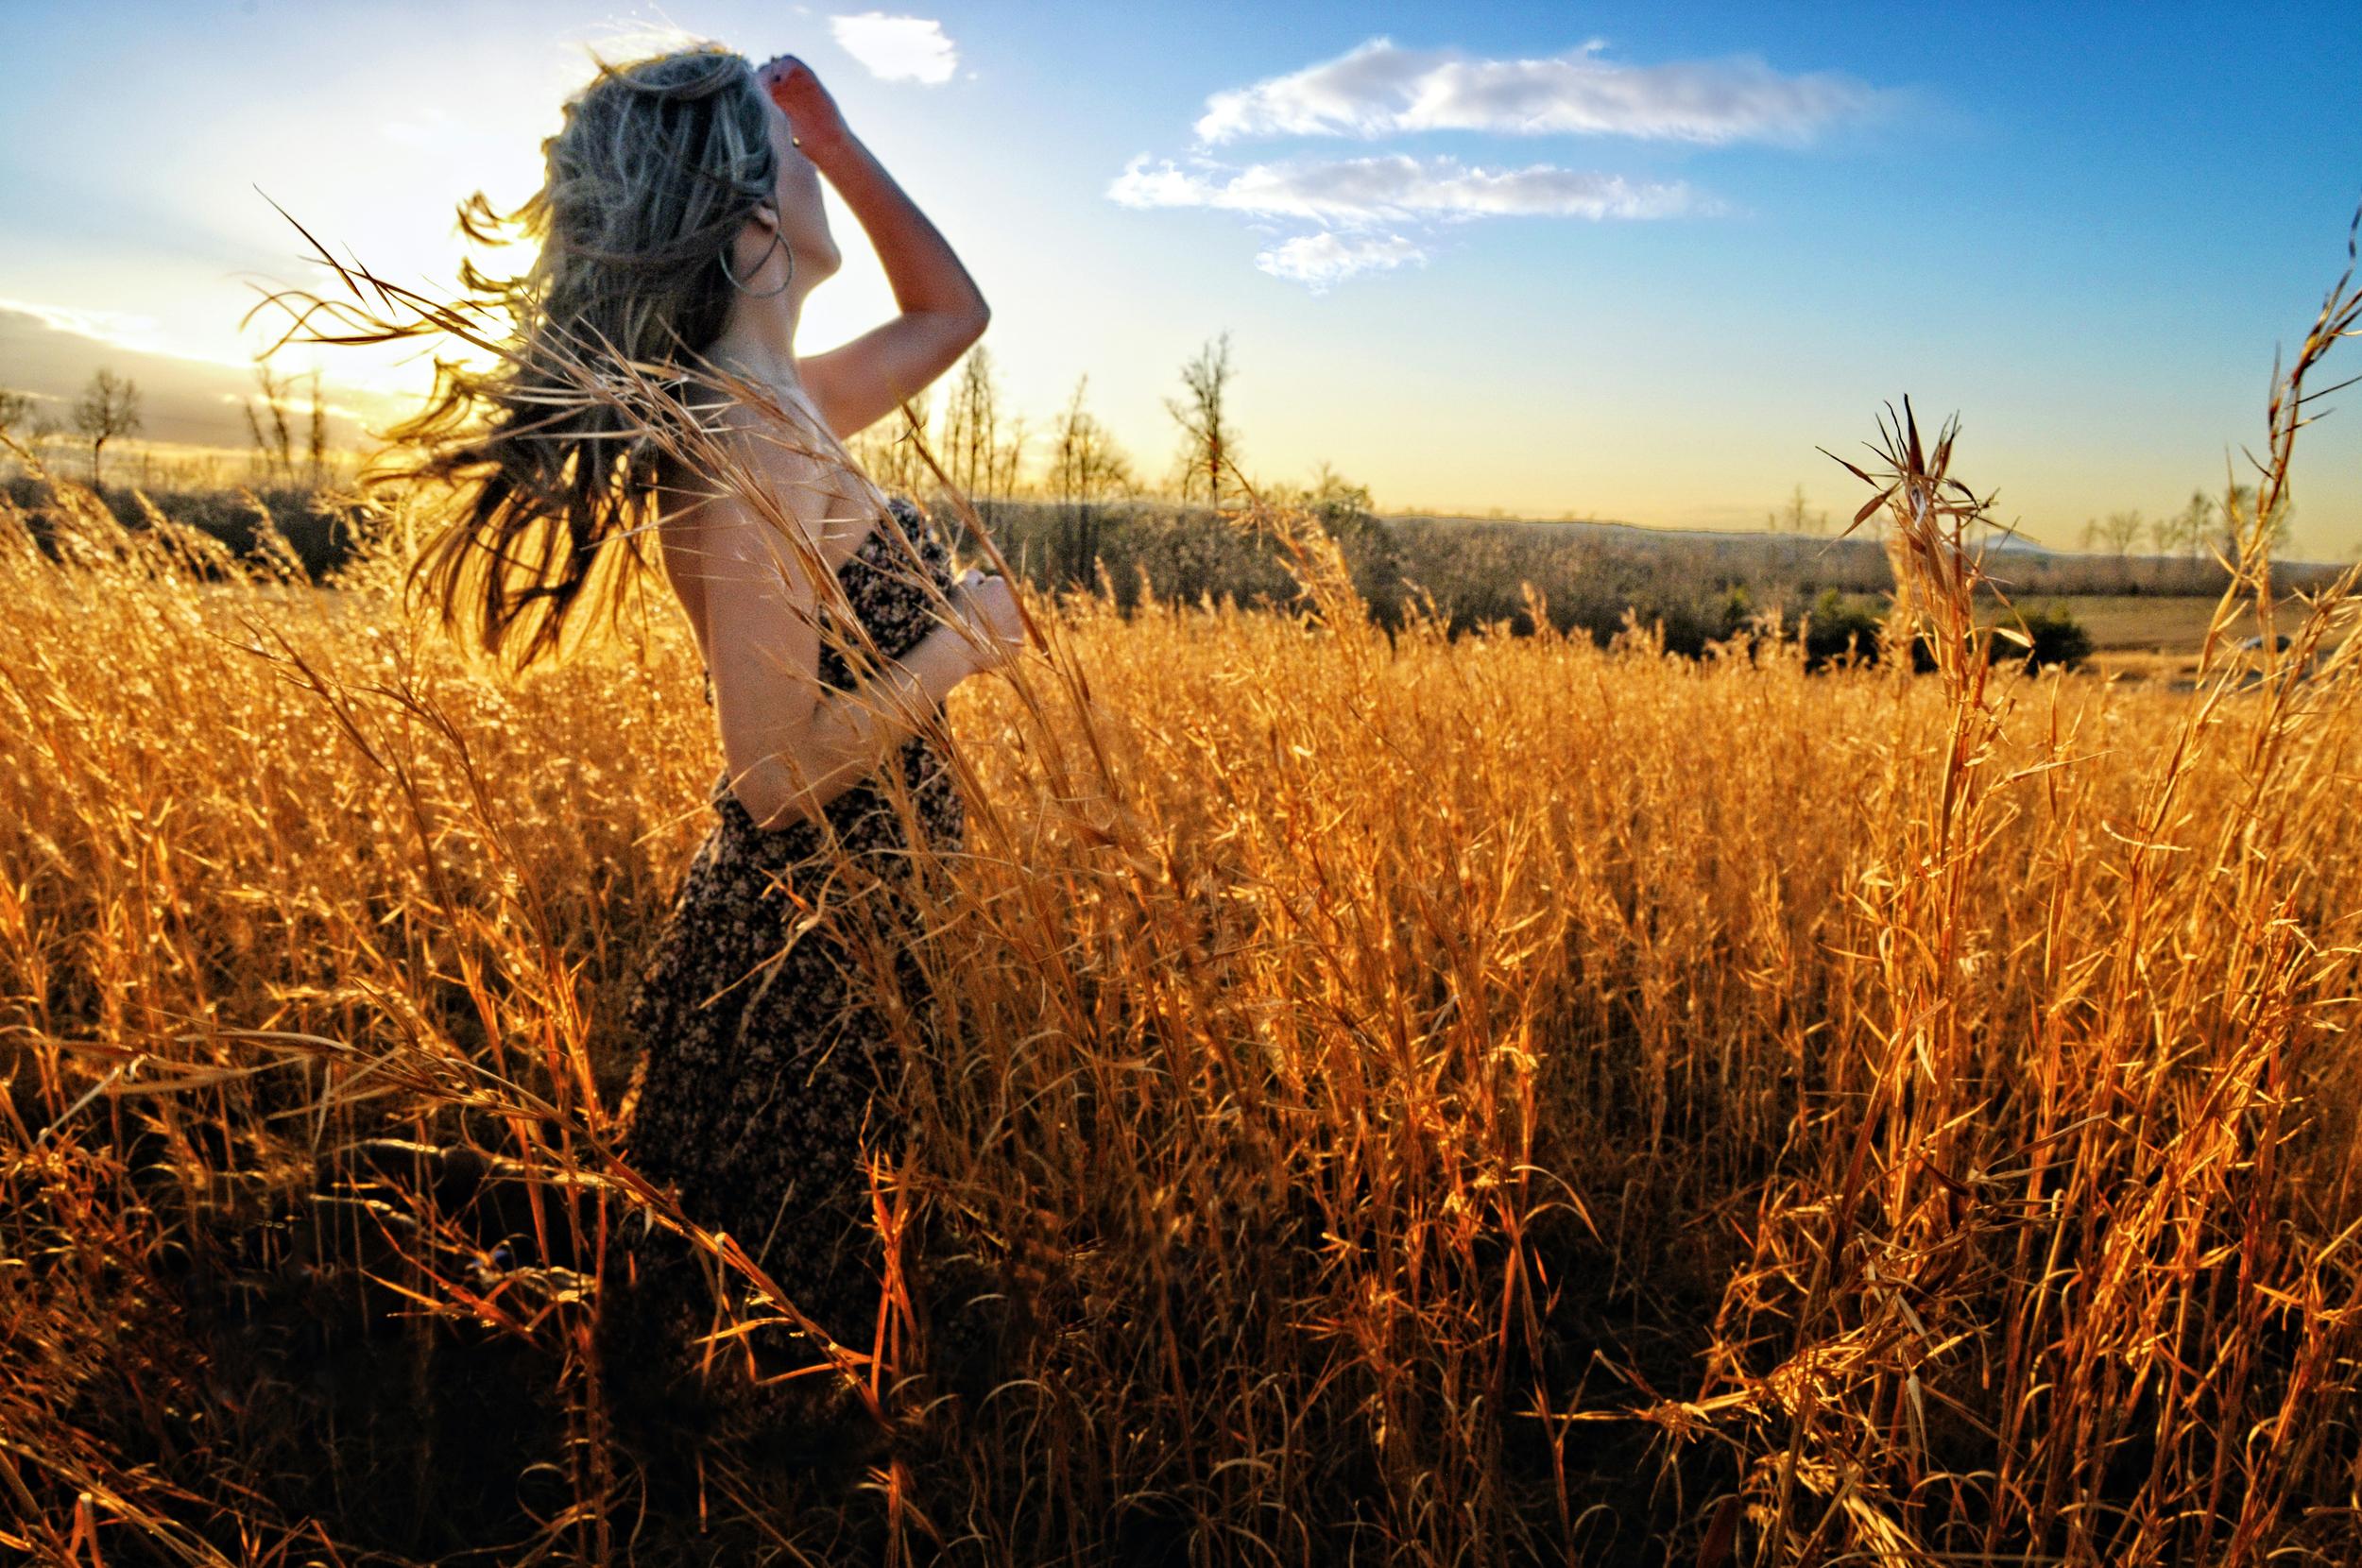 fields_of_gold_by_augustlight-d39z6cz